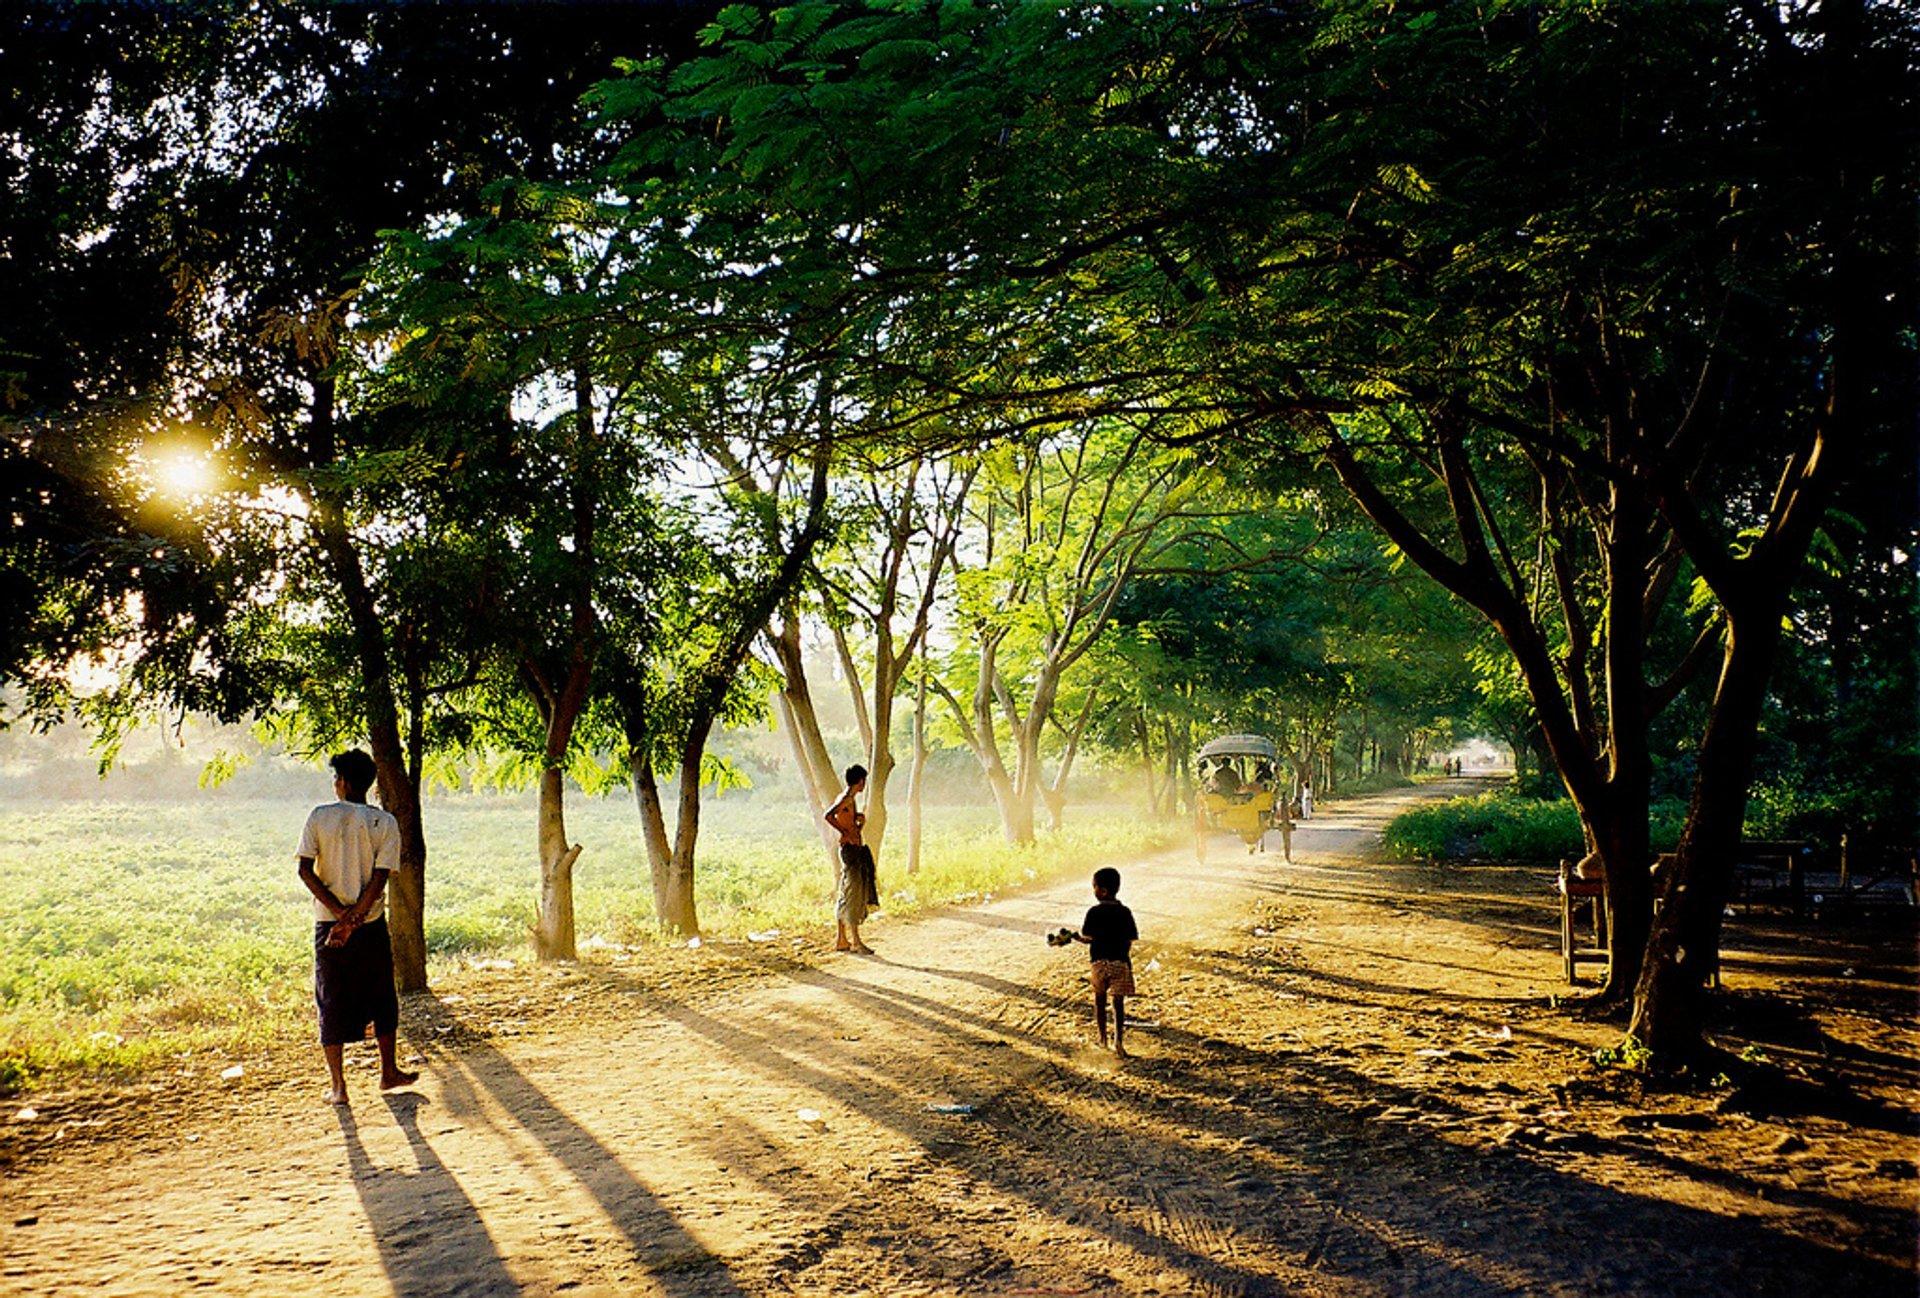 Dry Season in Myanmar 2020 - Best Time